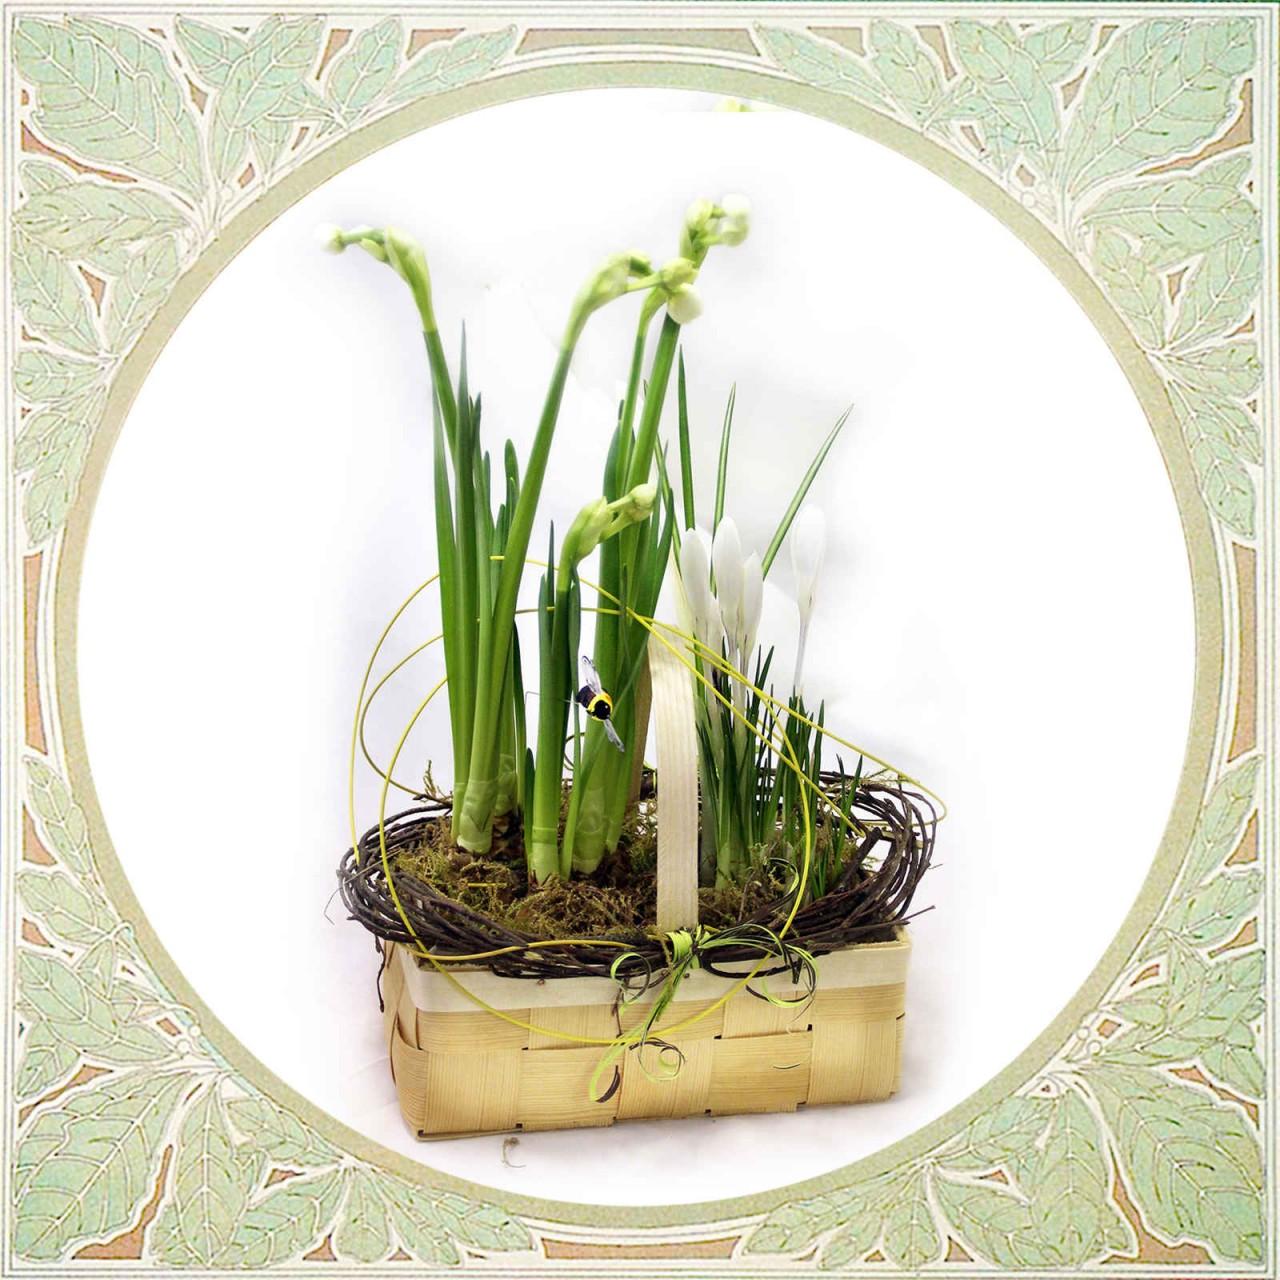 Весенние луковичные растения - крокусы и нарциссы в корзинке Псков  Открытка